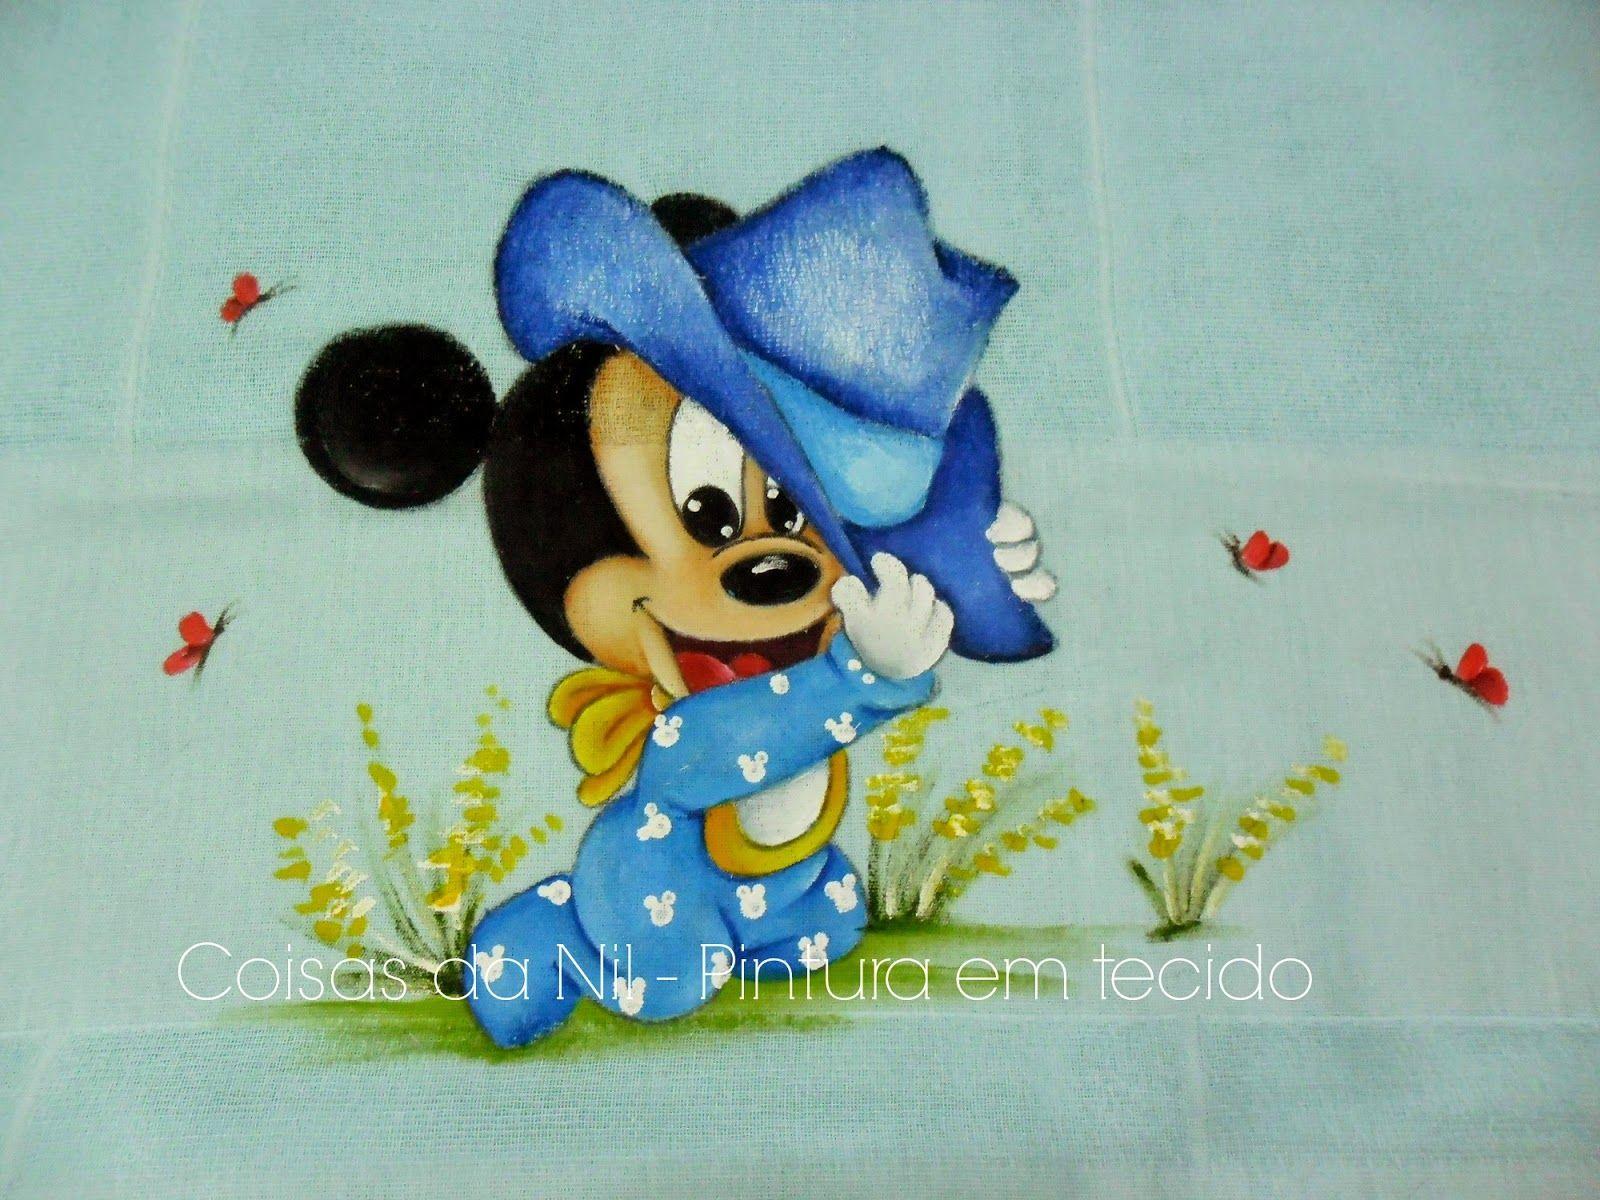 Desenhos Da Minnie Para Pintar Em Tecido: Coisas Da Nil - Pintura Em Tecido: Mickey Cowboy.